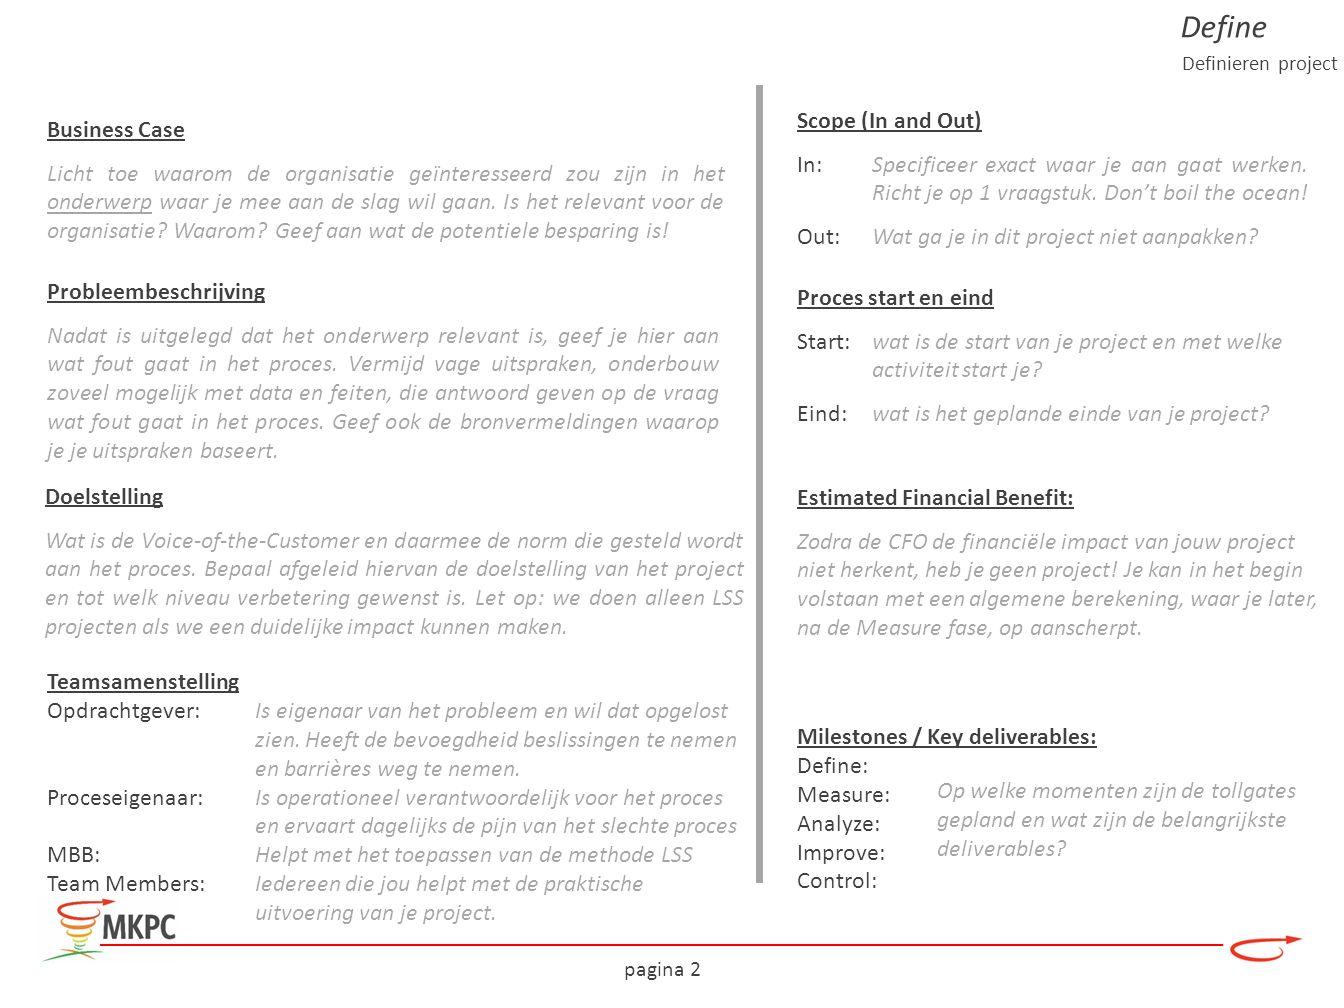 pagina 2 Business Case Licht toe waarom de organisatie geïnteresseerd zou zijn in het onderwerp waar je mee aan de slag wil gaan. Is het relevant voor